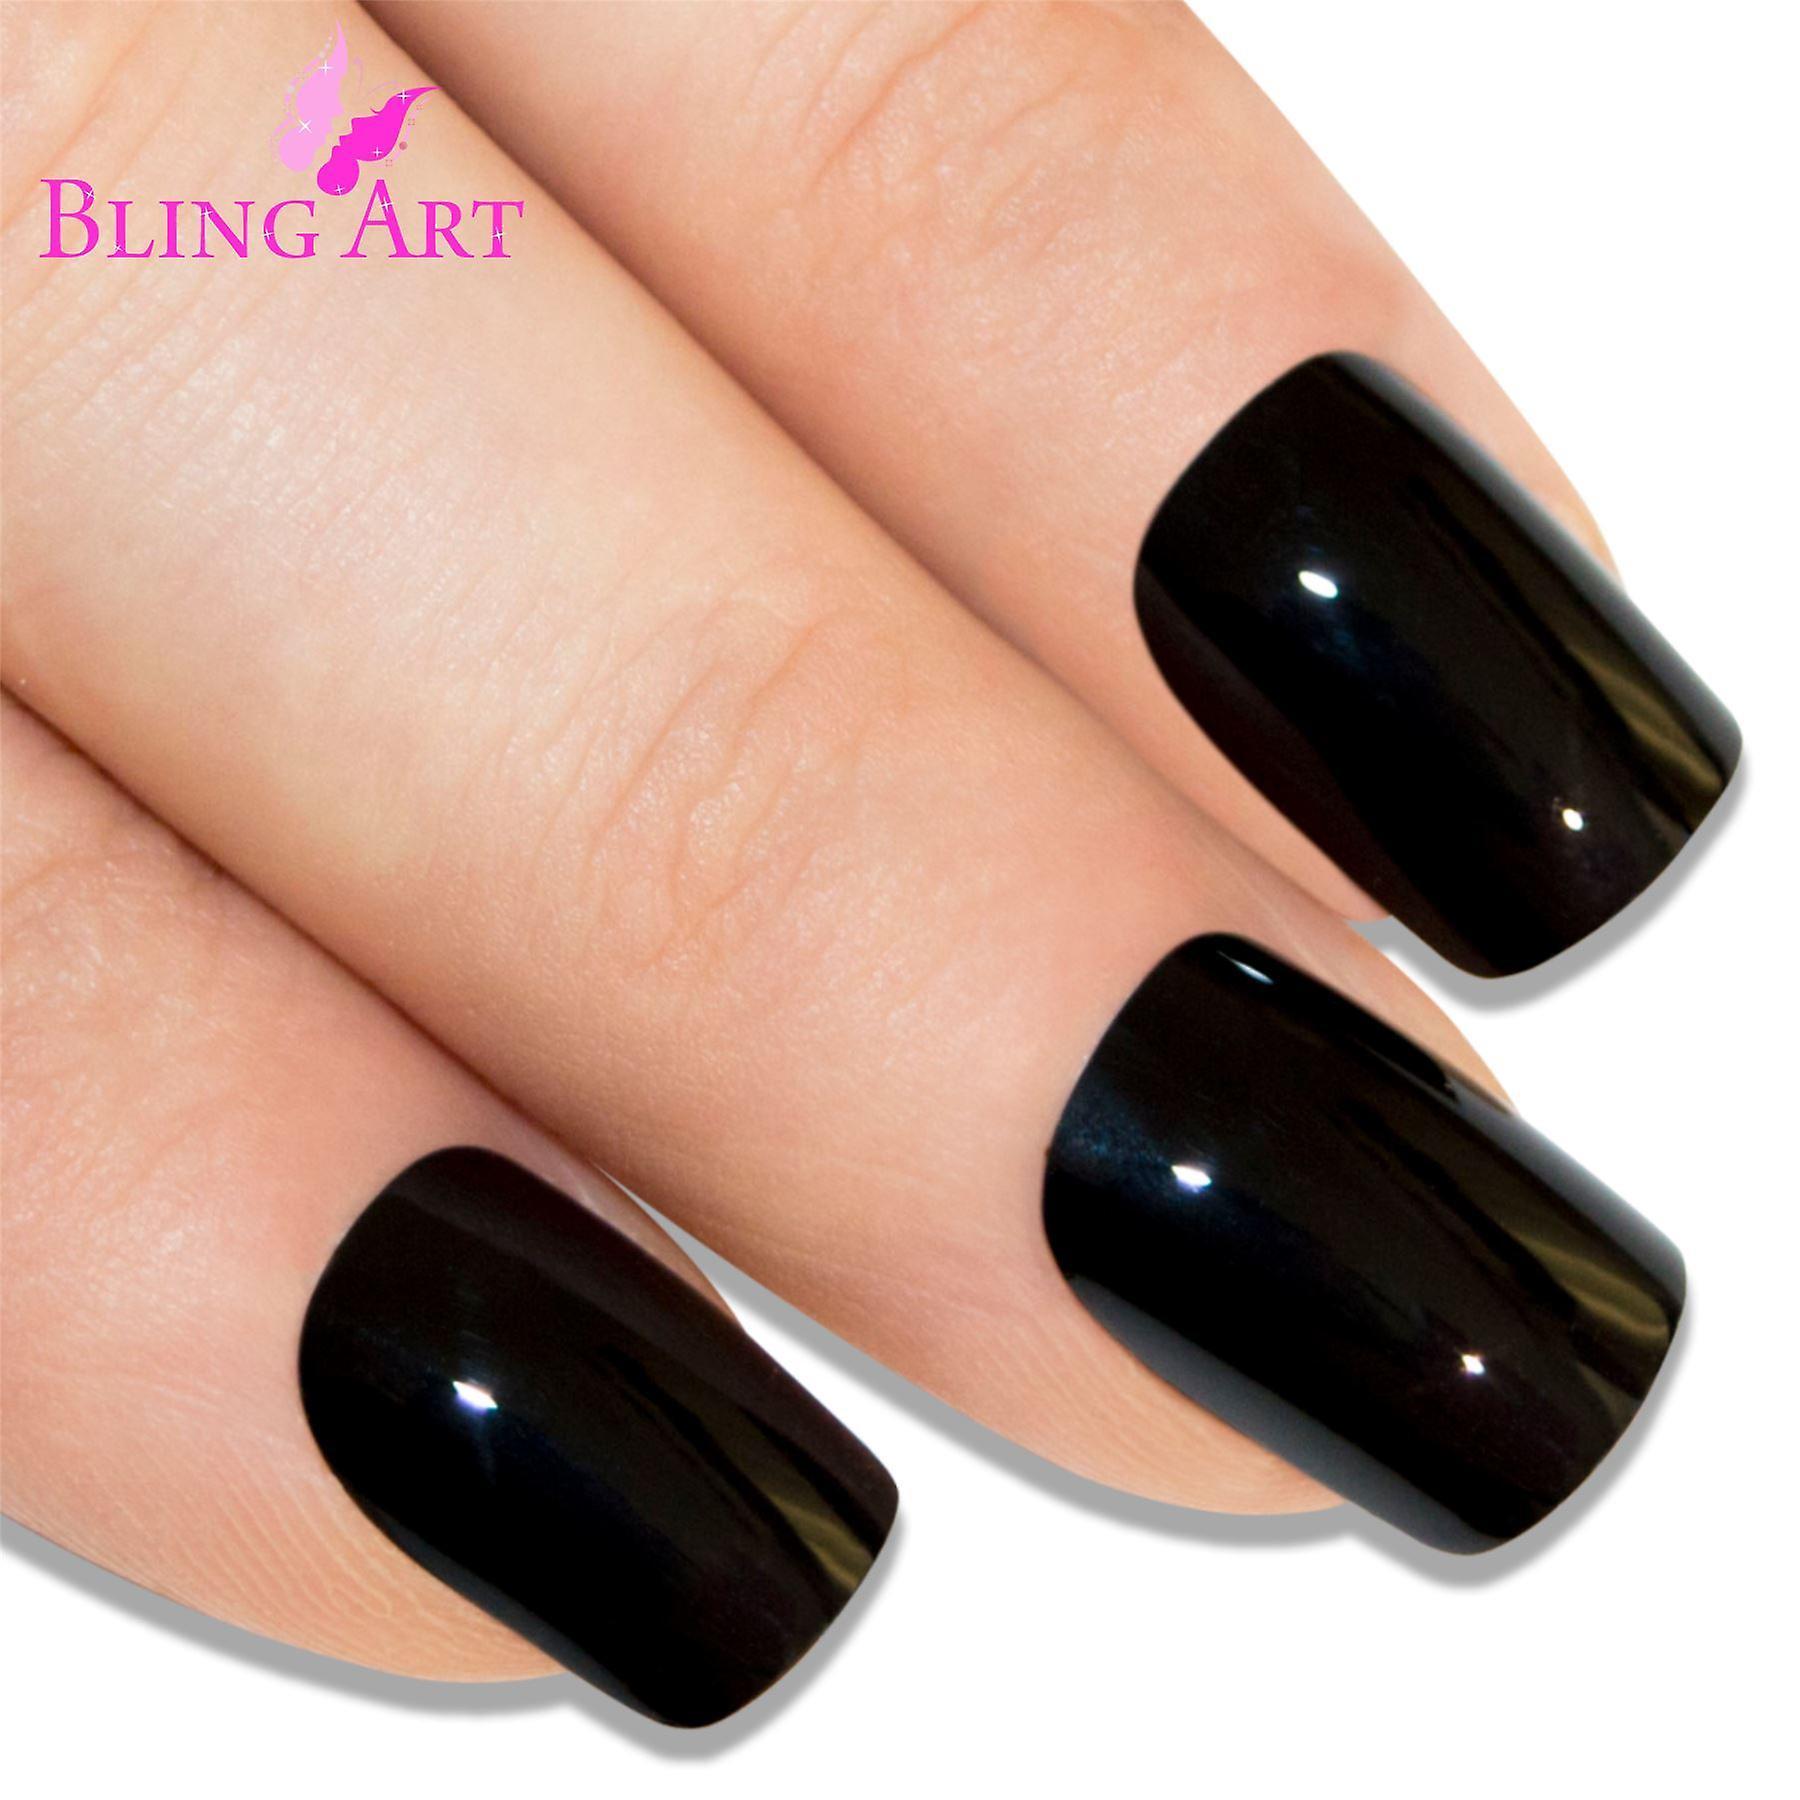 False nails bling art black polished french manicure fake medium tips with glue